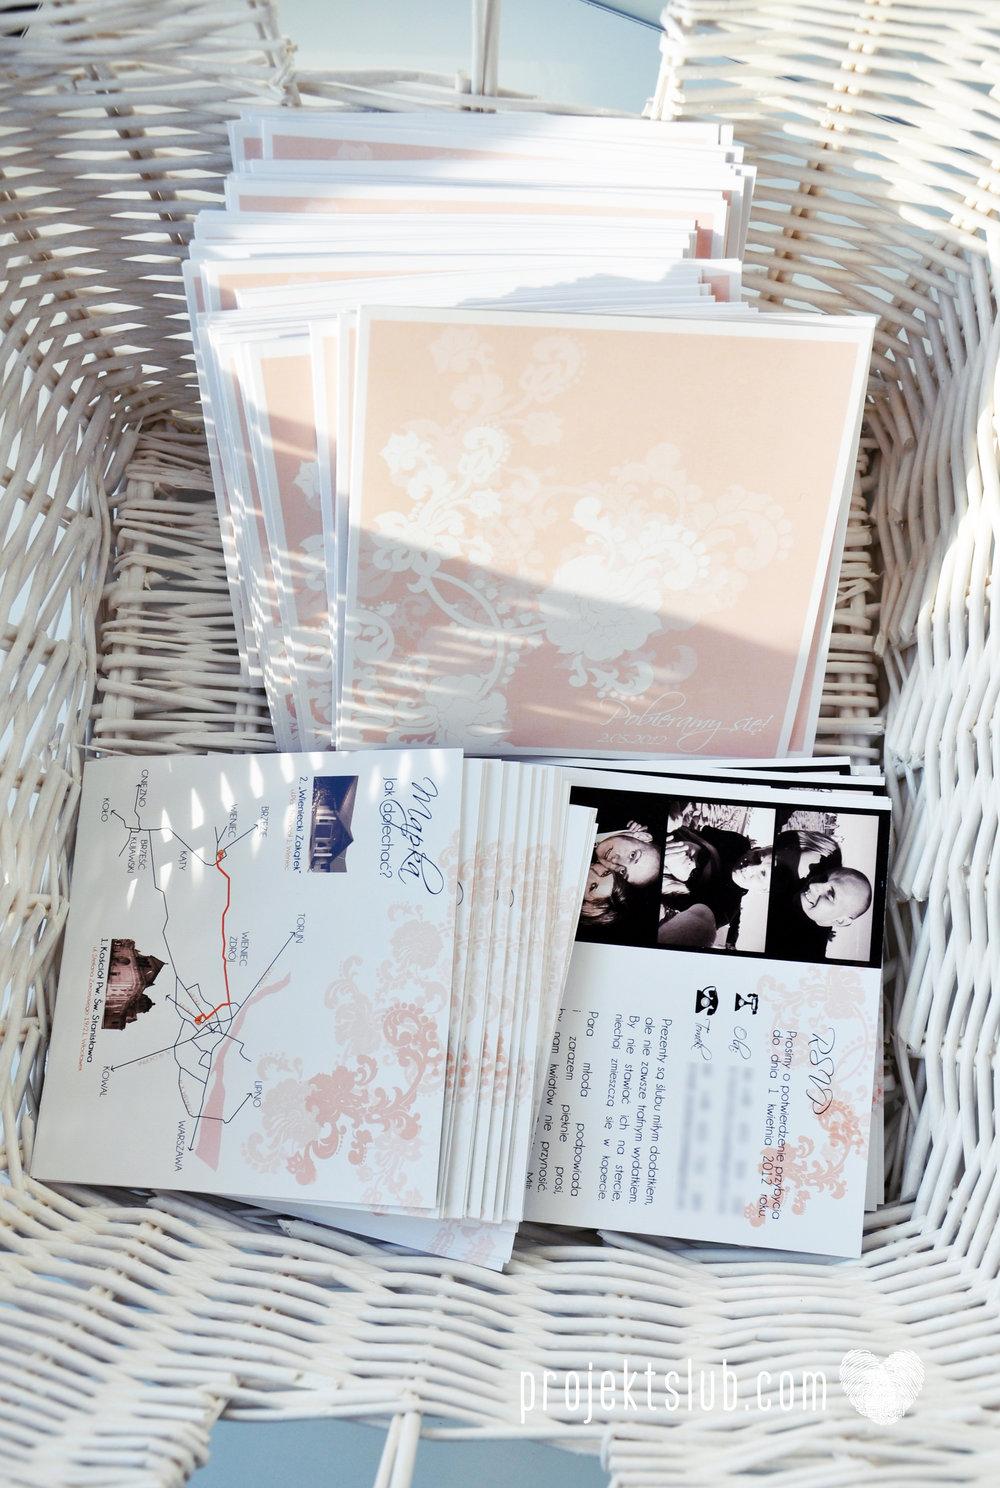 zaproszenia ślubne pudrowa elegancja róż pastele delikatne graficzne motywy klasyczny format projekt ślub (2).jpg